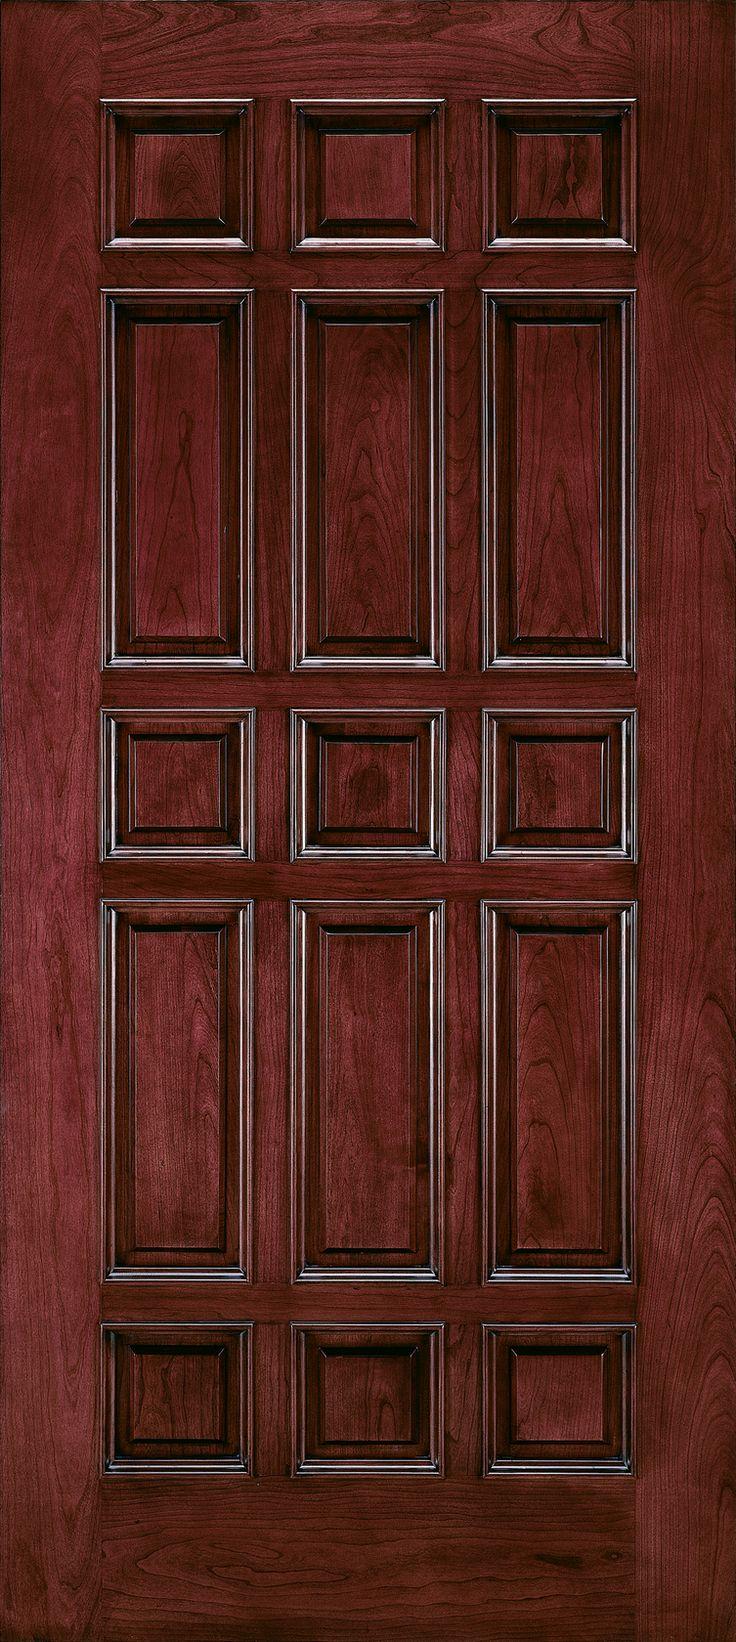 Home windows amp doors doors interior doors - Custom Wood All Panel Interior Door Jeld Wen Windows Doors